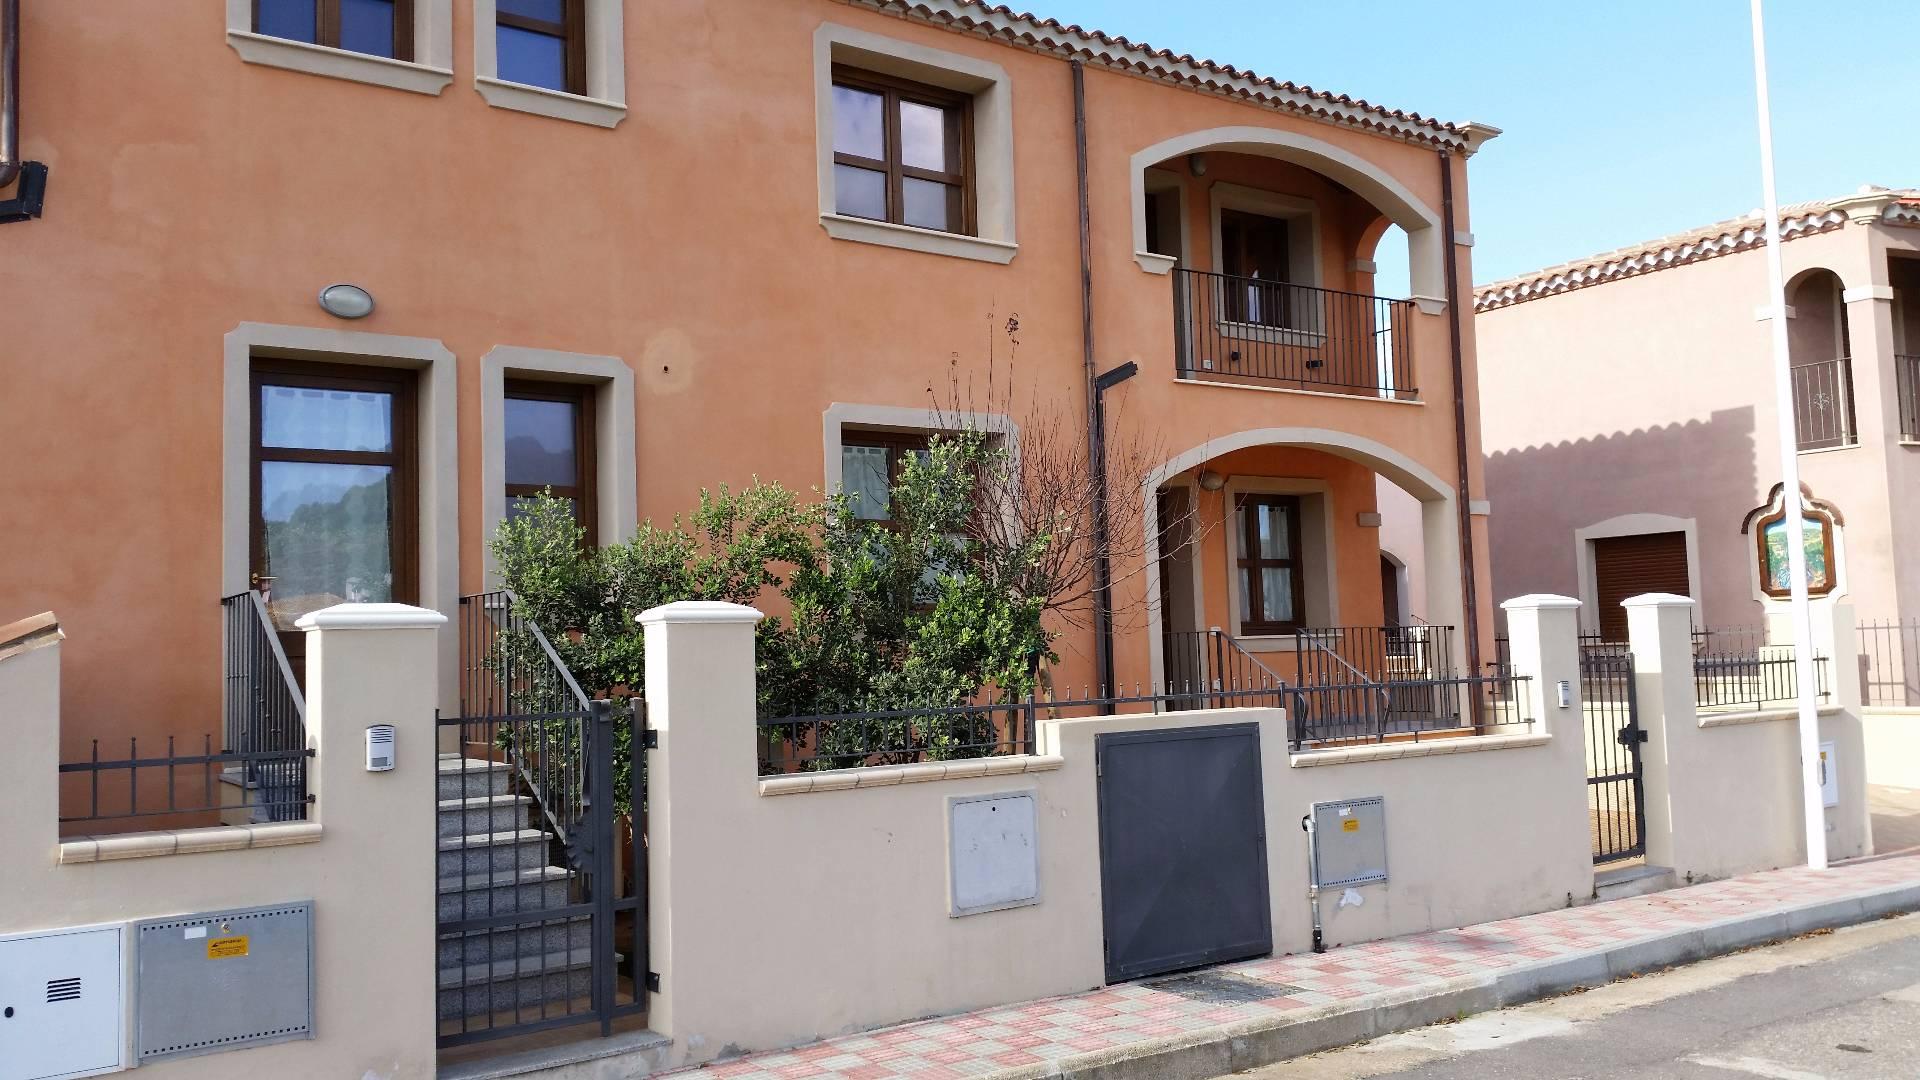 Appartamento in vendita a Bari Sardo, 3 locali, prezzo € 100.000 | CambioCasa.it